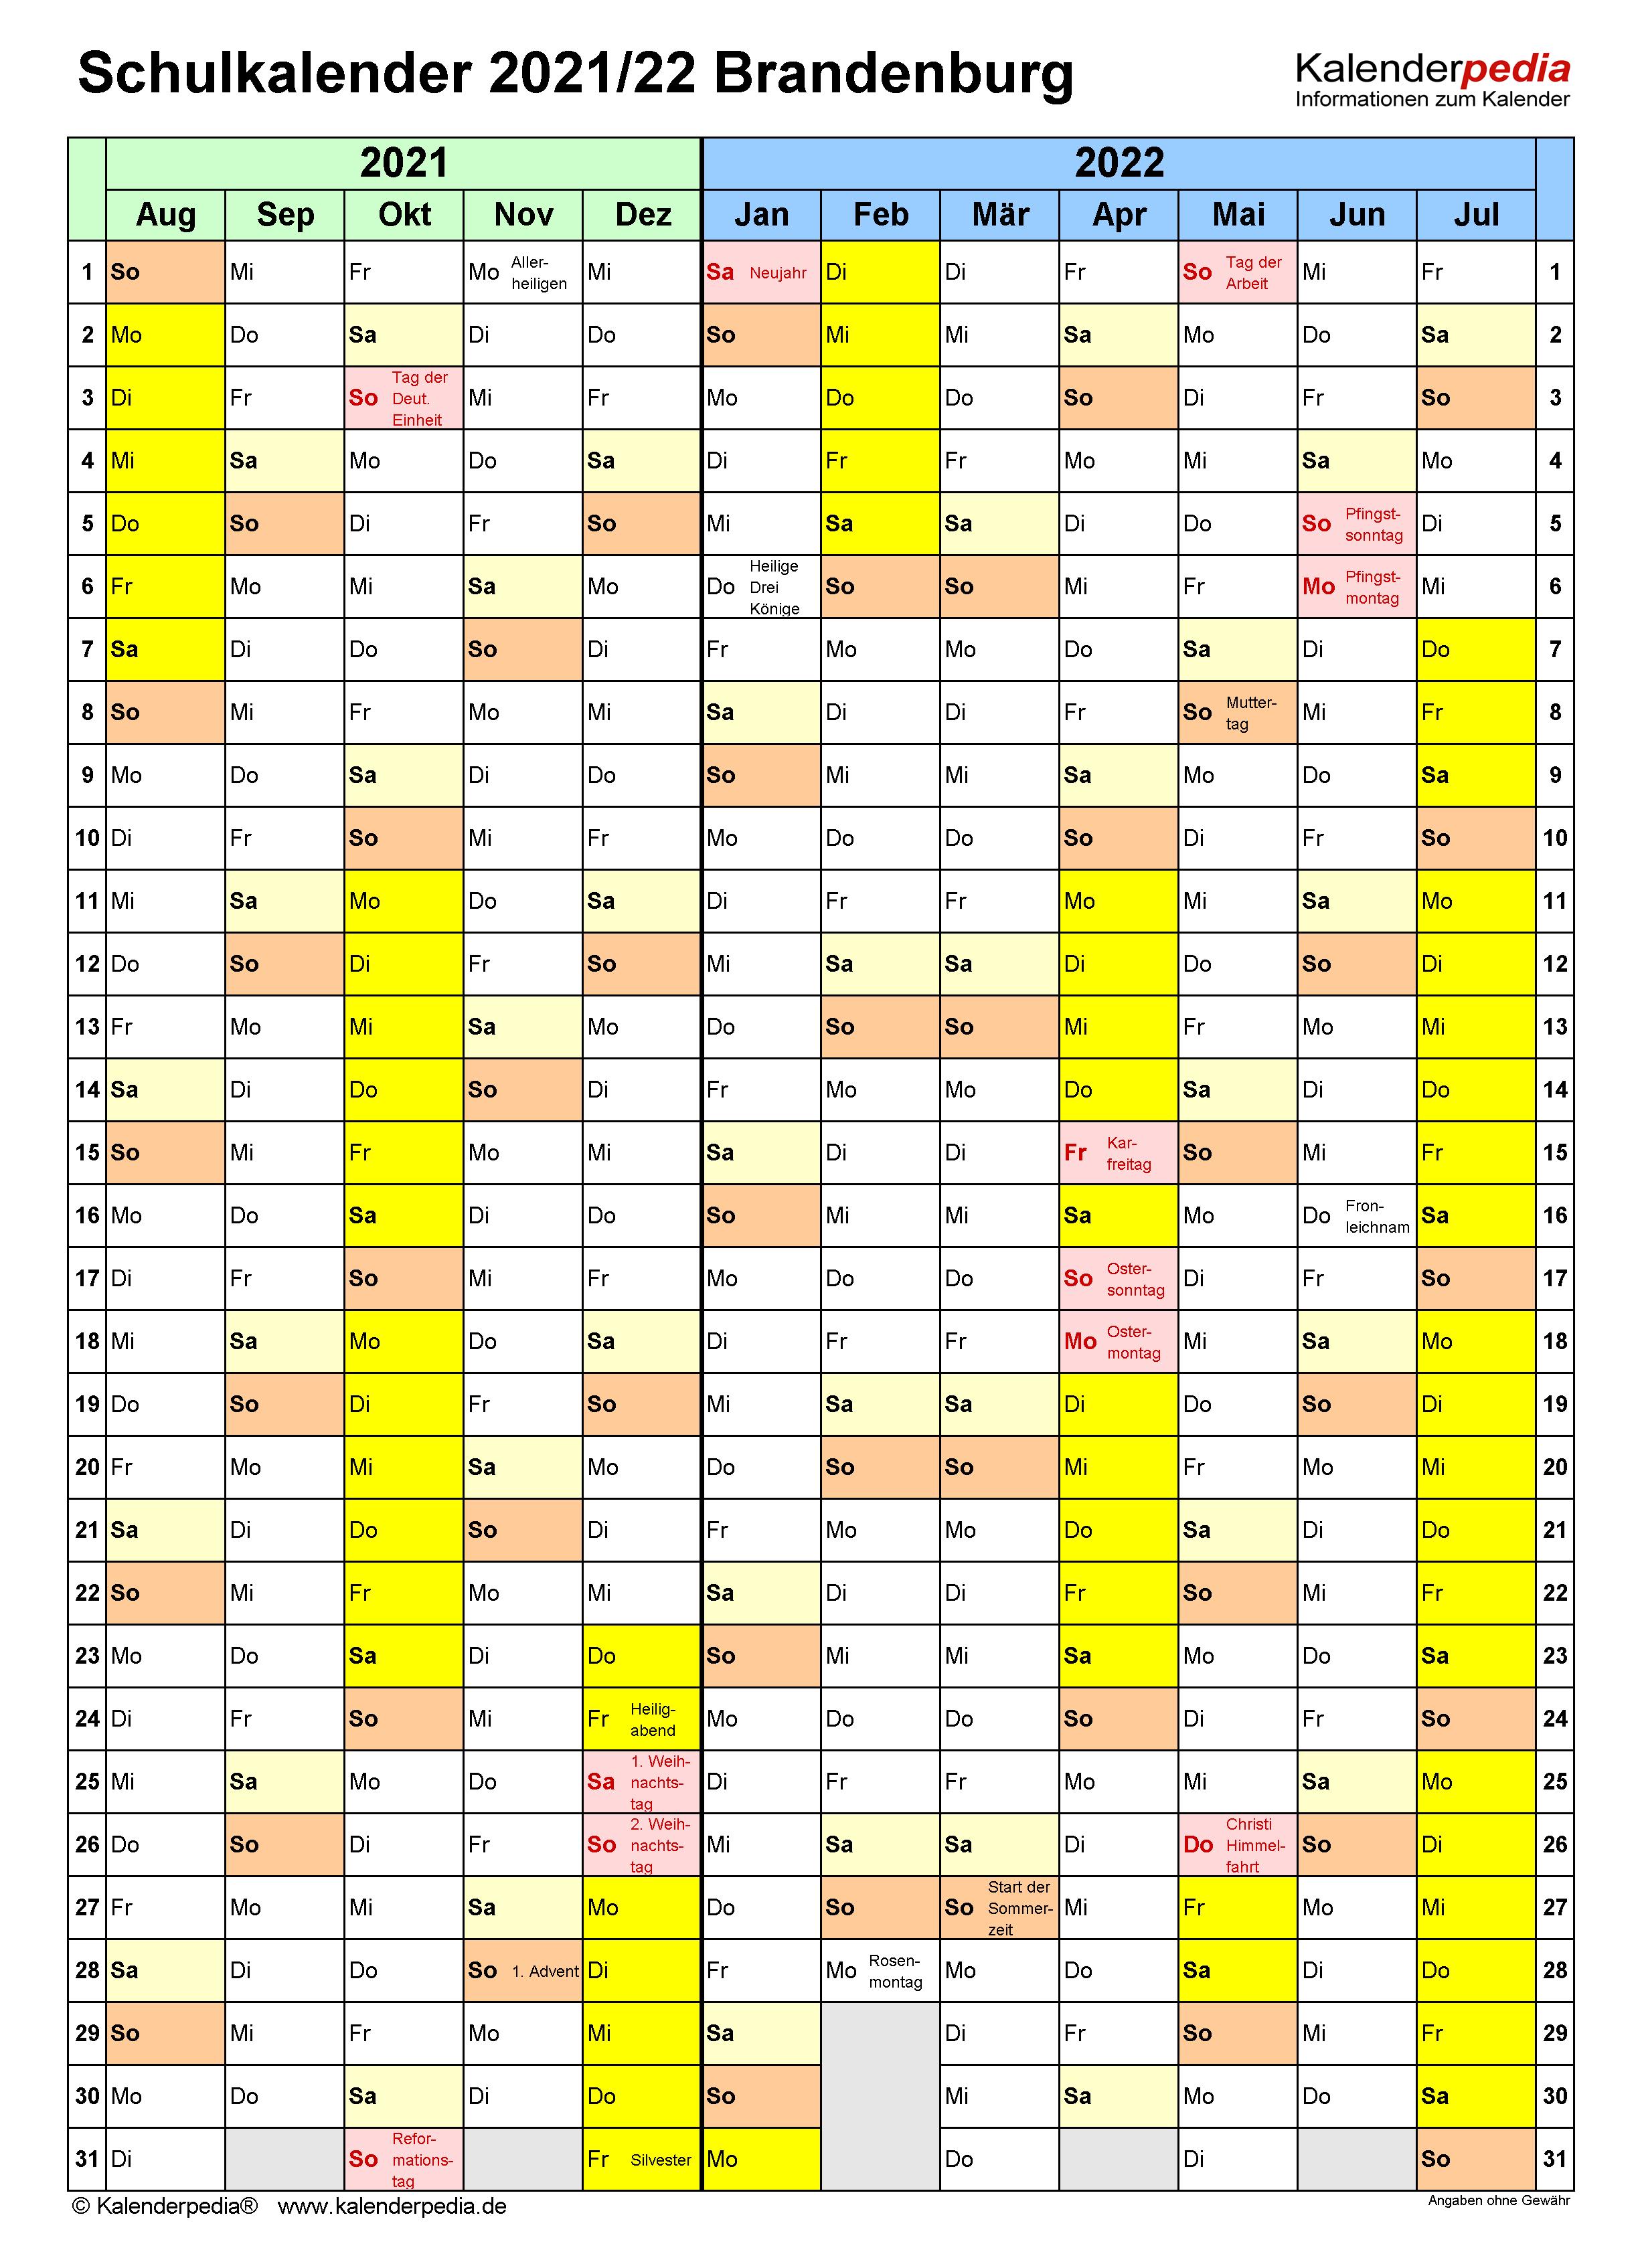 Schulkalender 2021/2022 Brandenburg für Excel